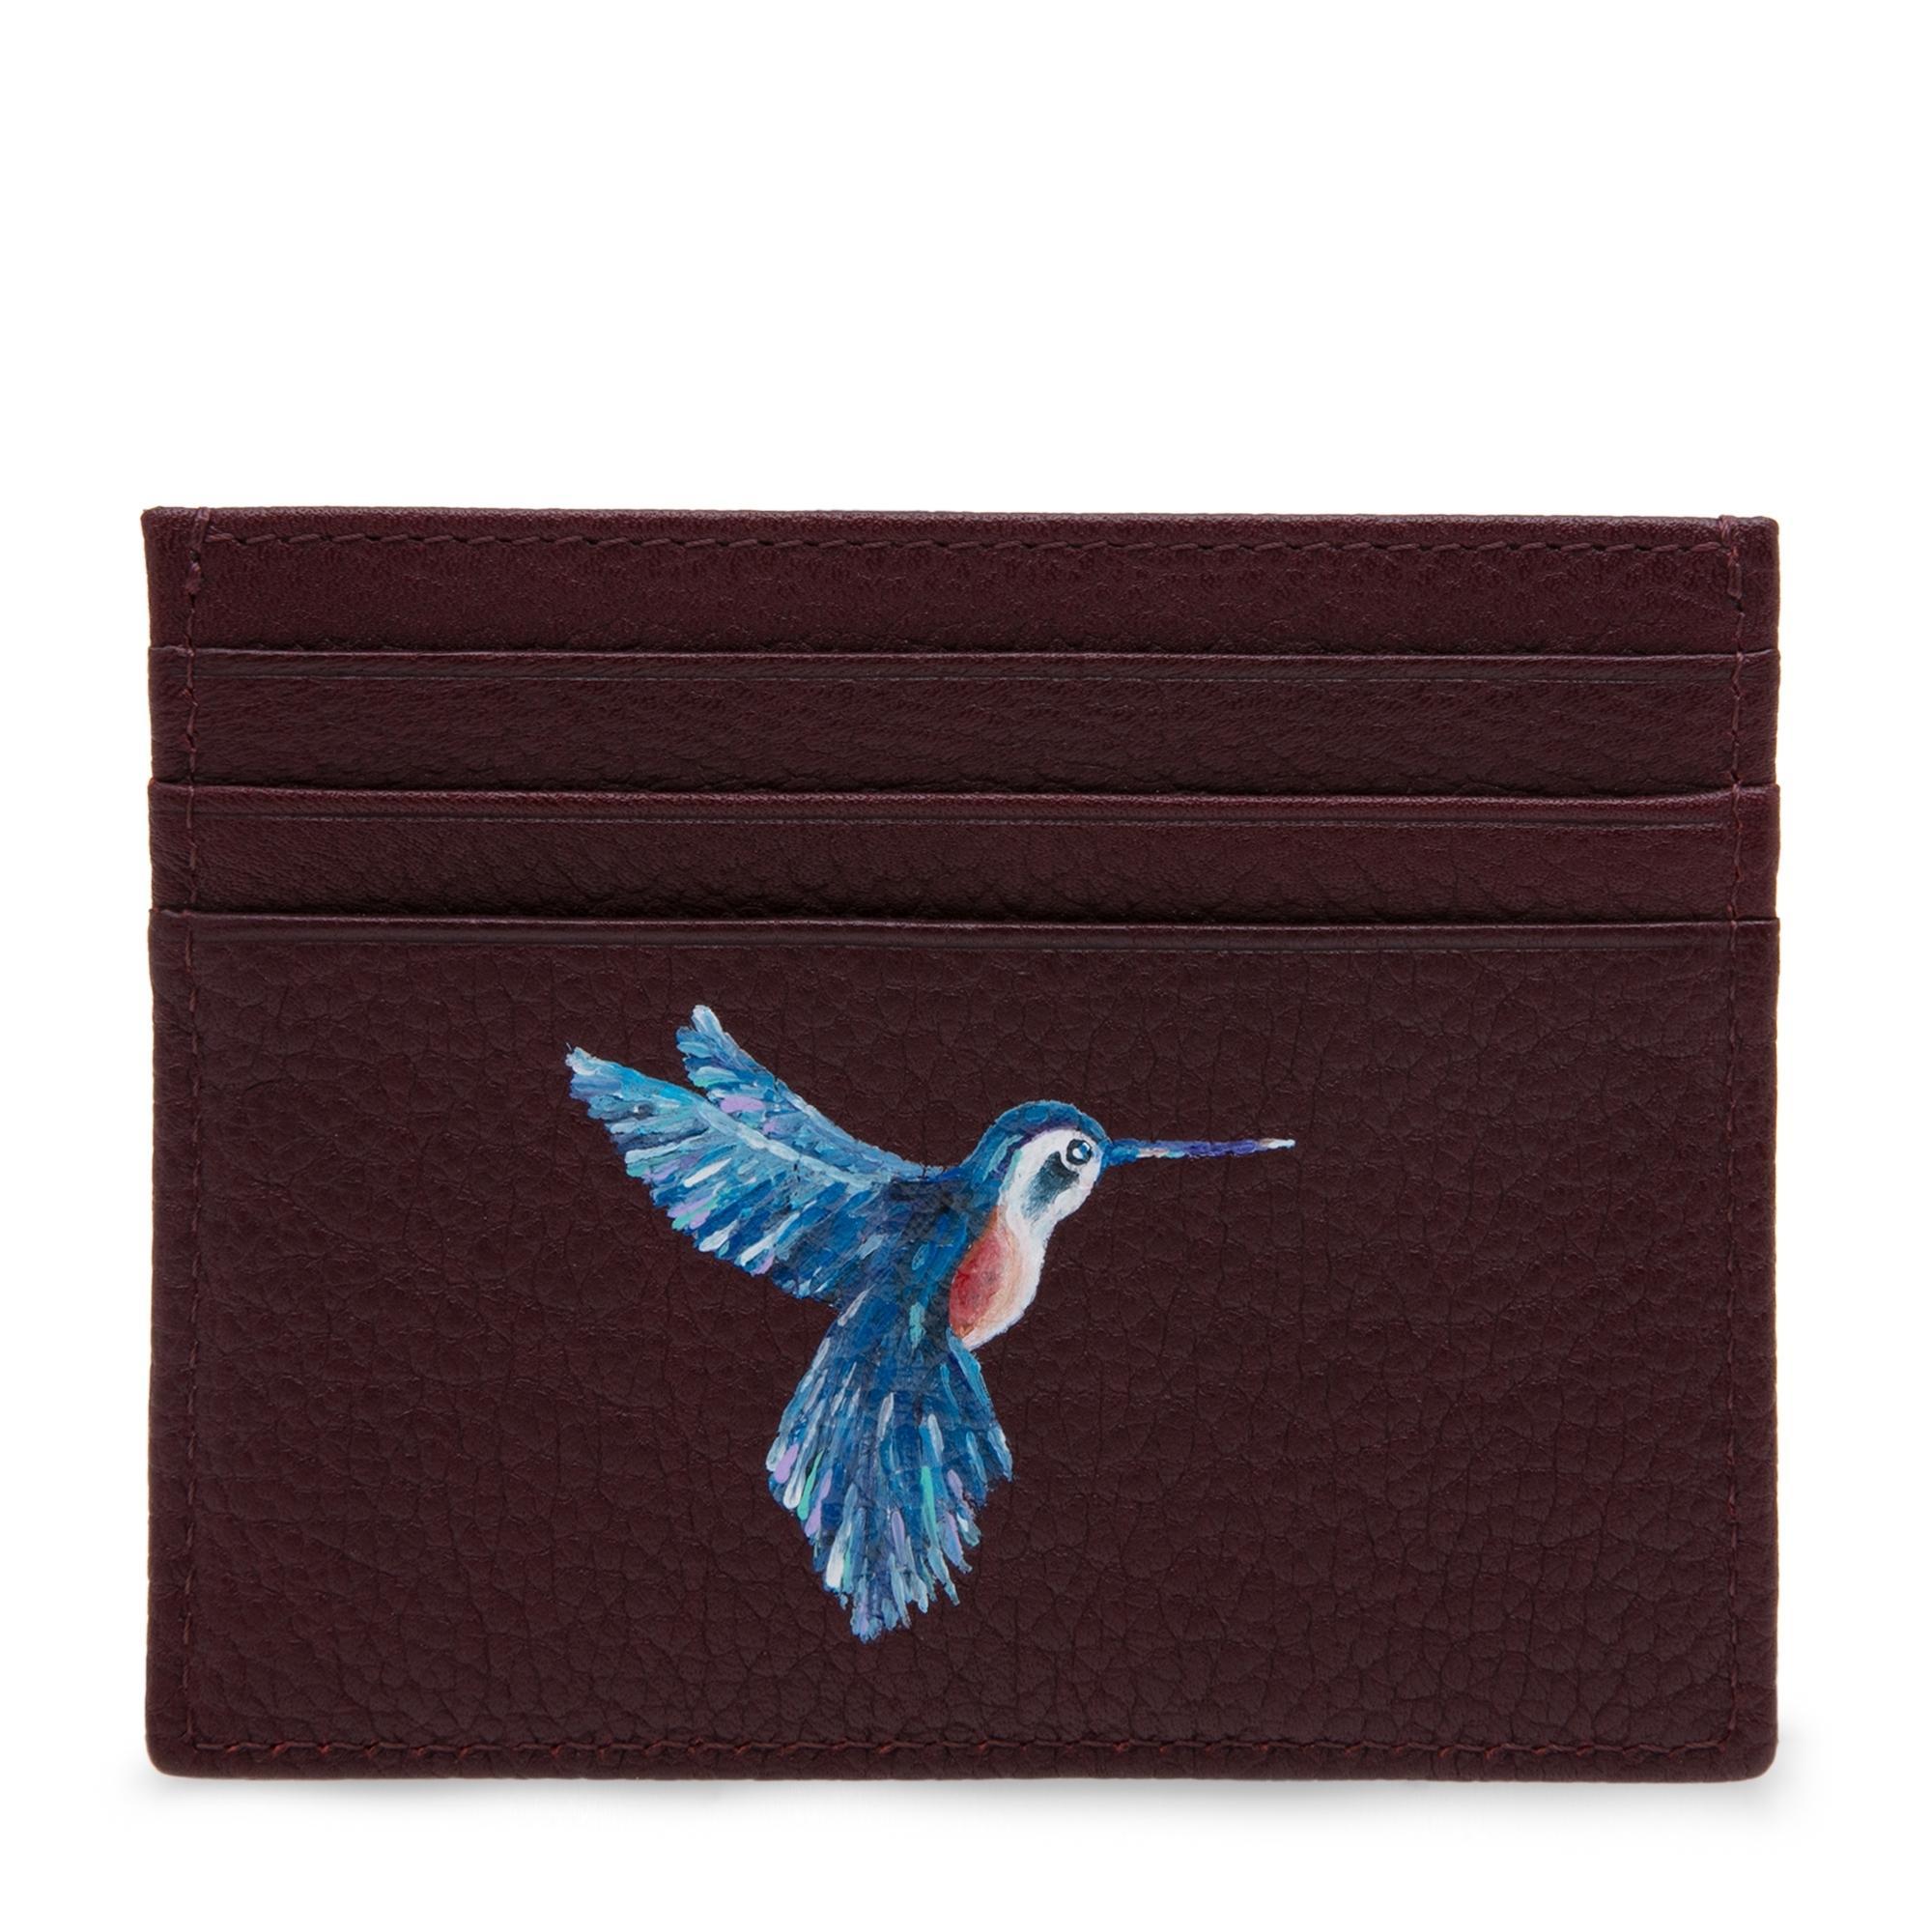 Amalfi bird card holder